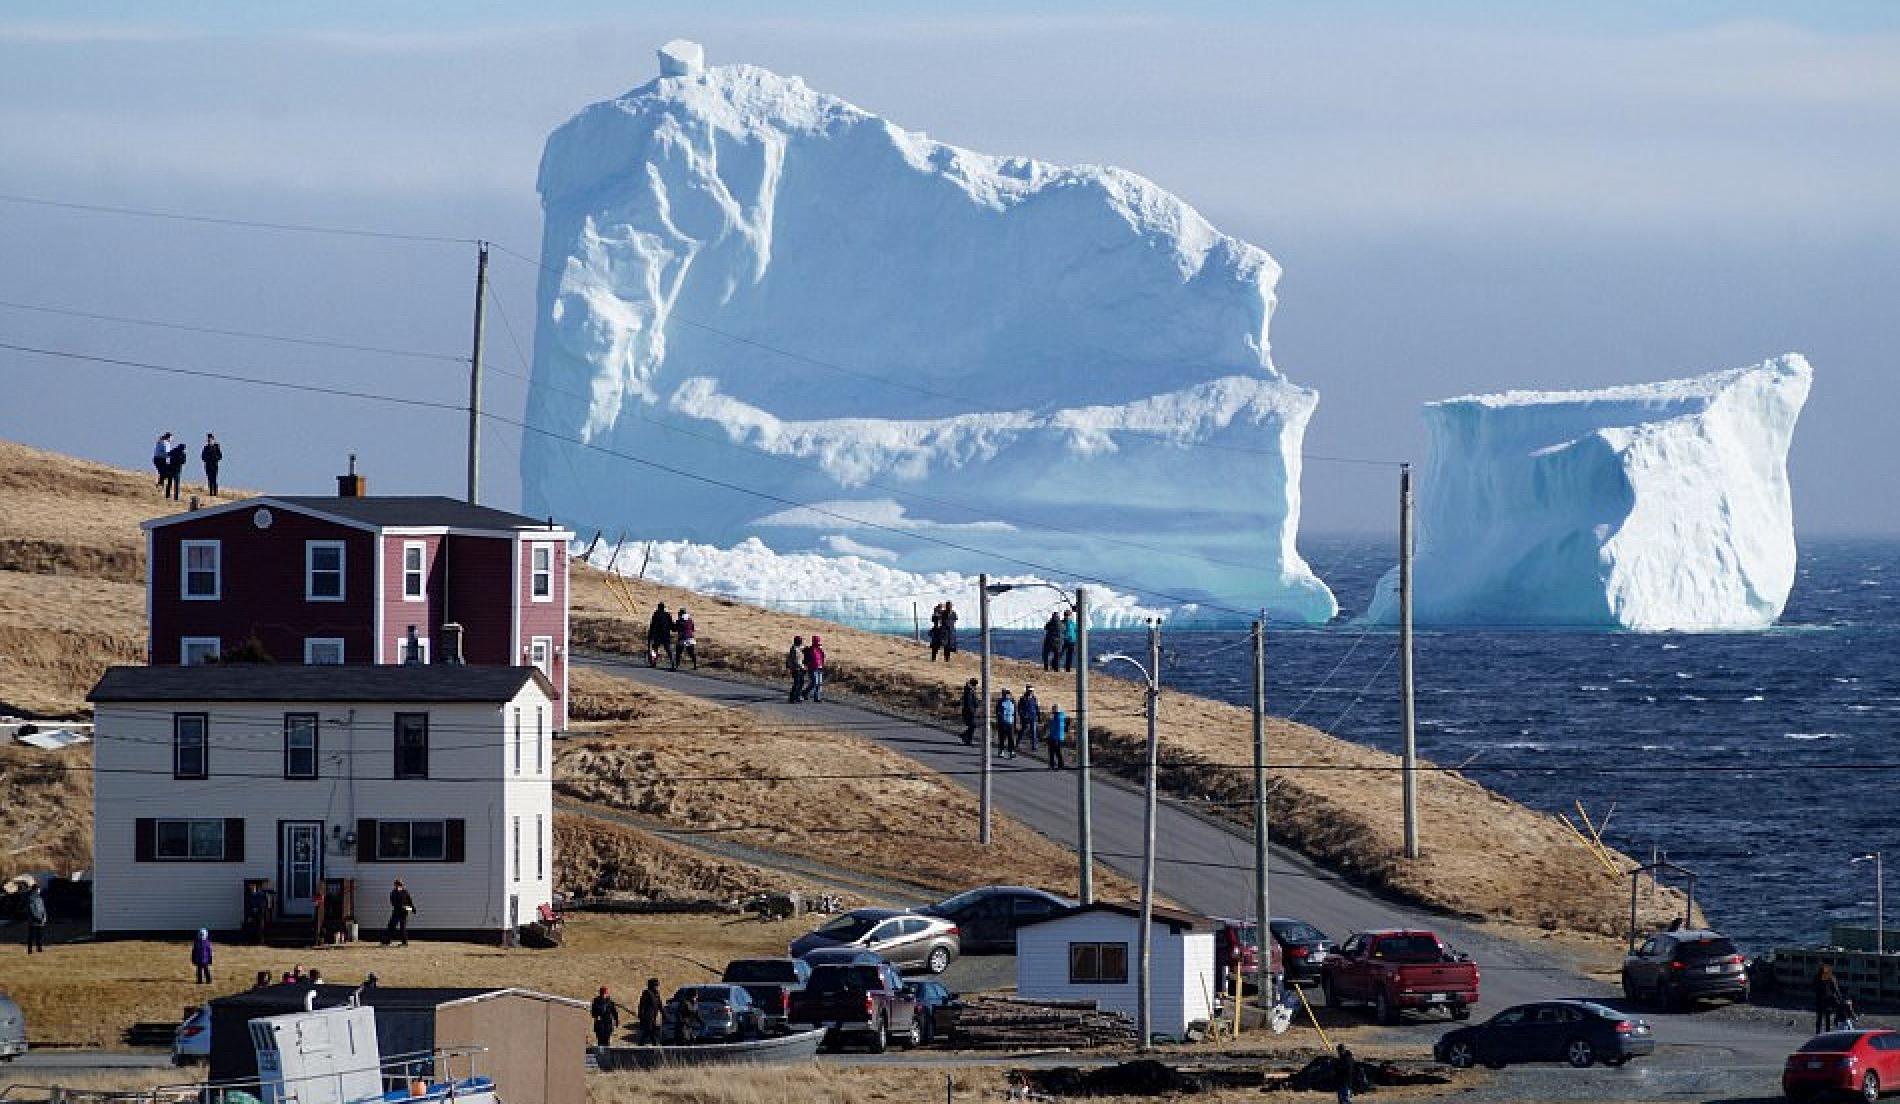 カナダの漁村に巨大な氷山が漂着。あまりの光景に観光客も絶句。。